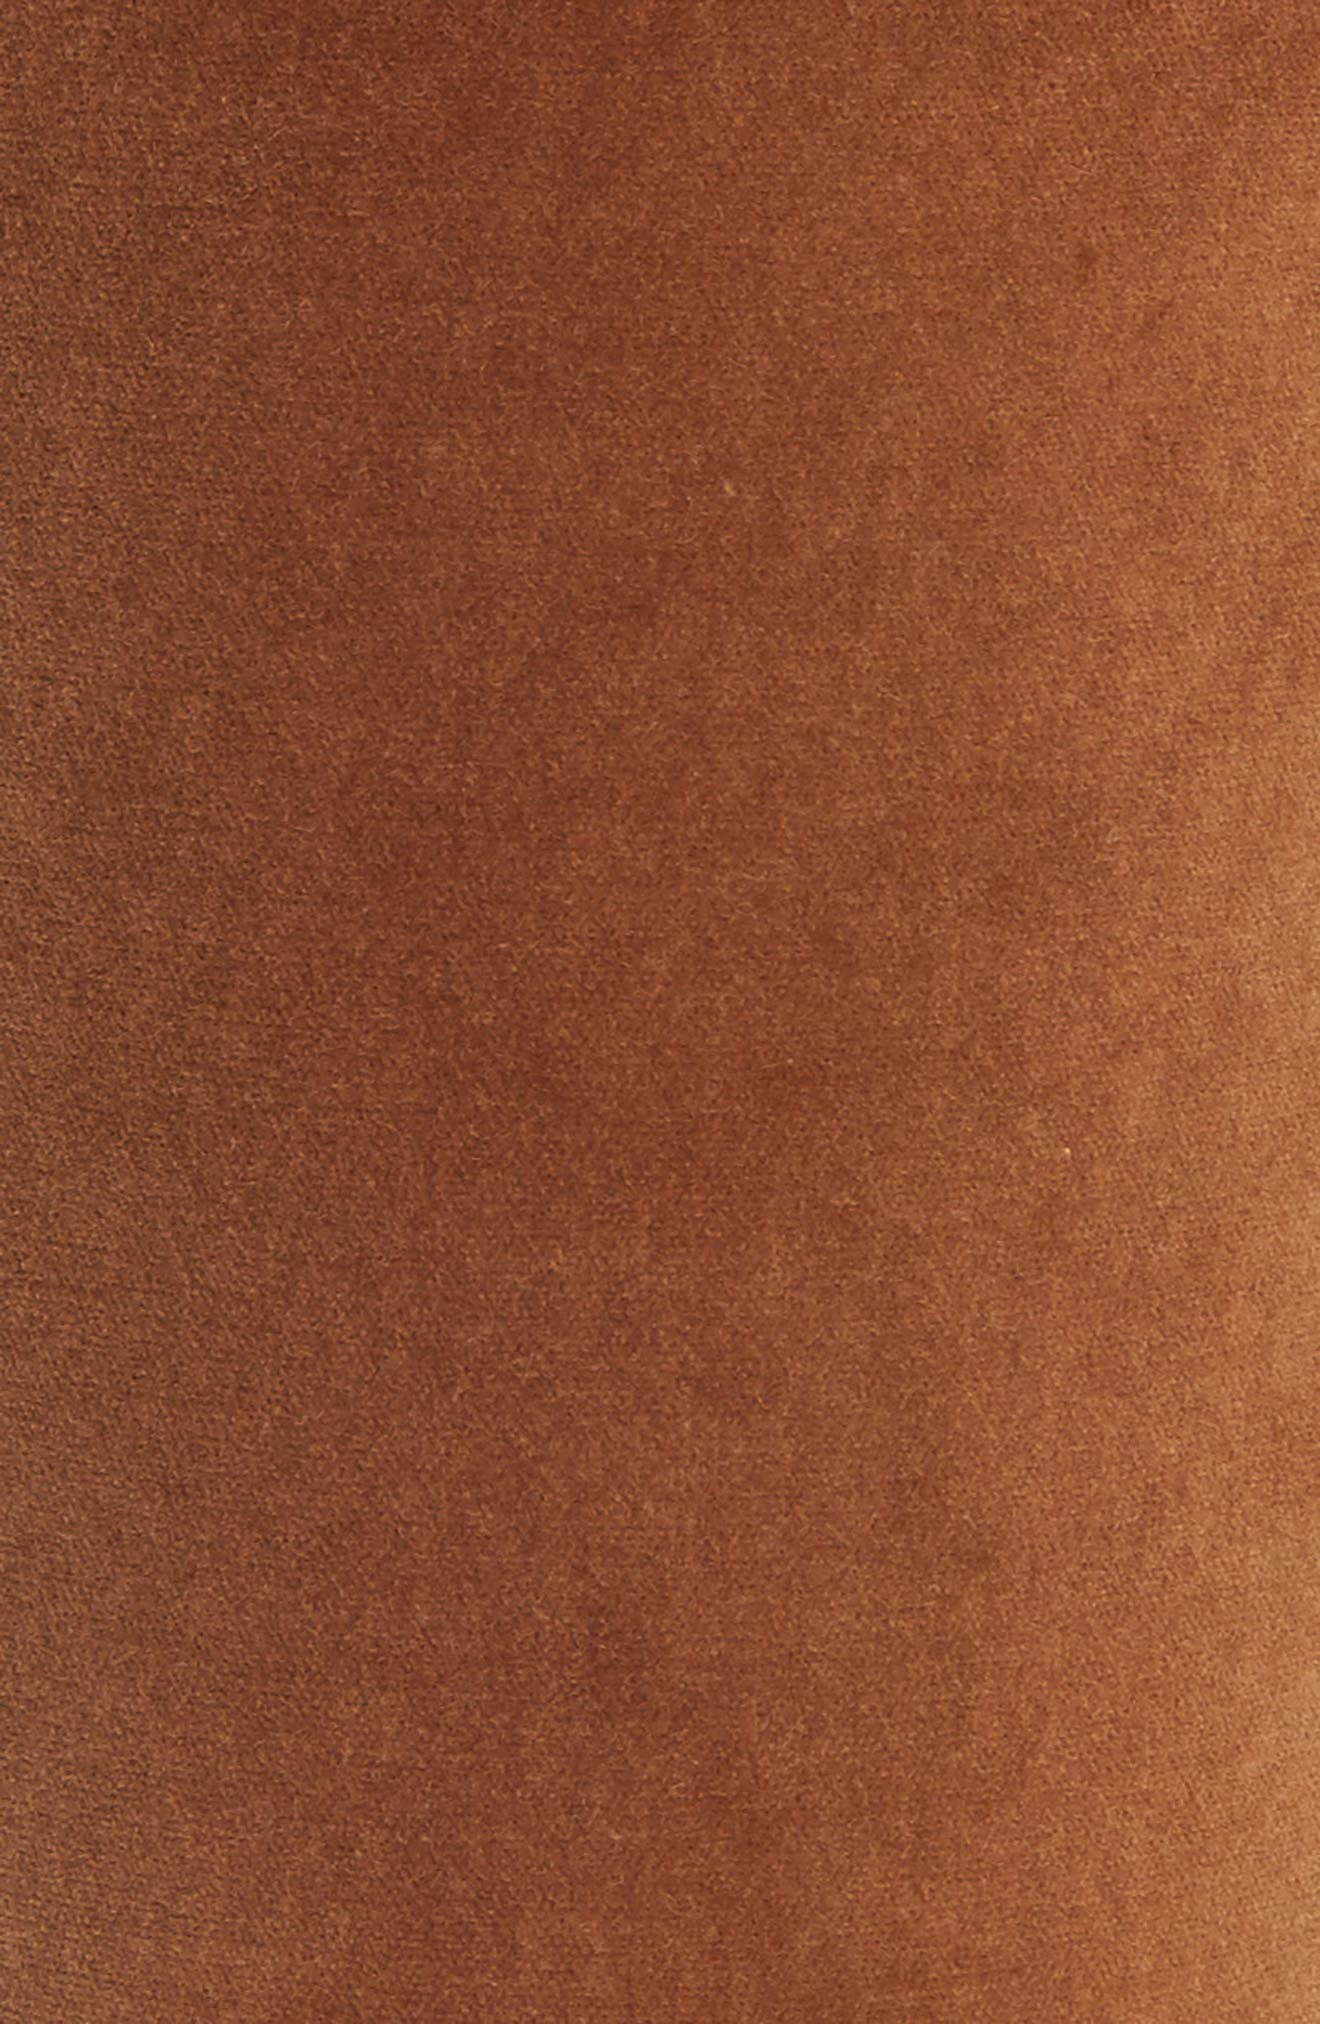 Velveteen High Waist Skinny Pants,                             Alternate thumbnail 10, color,